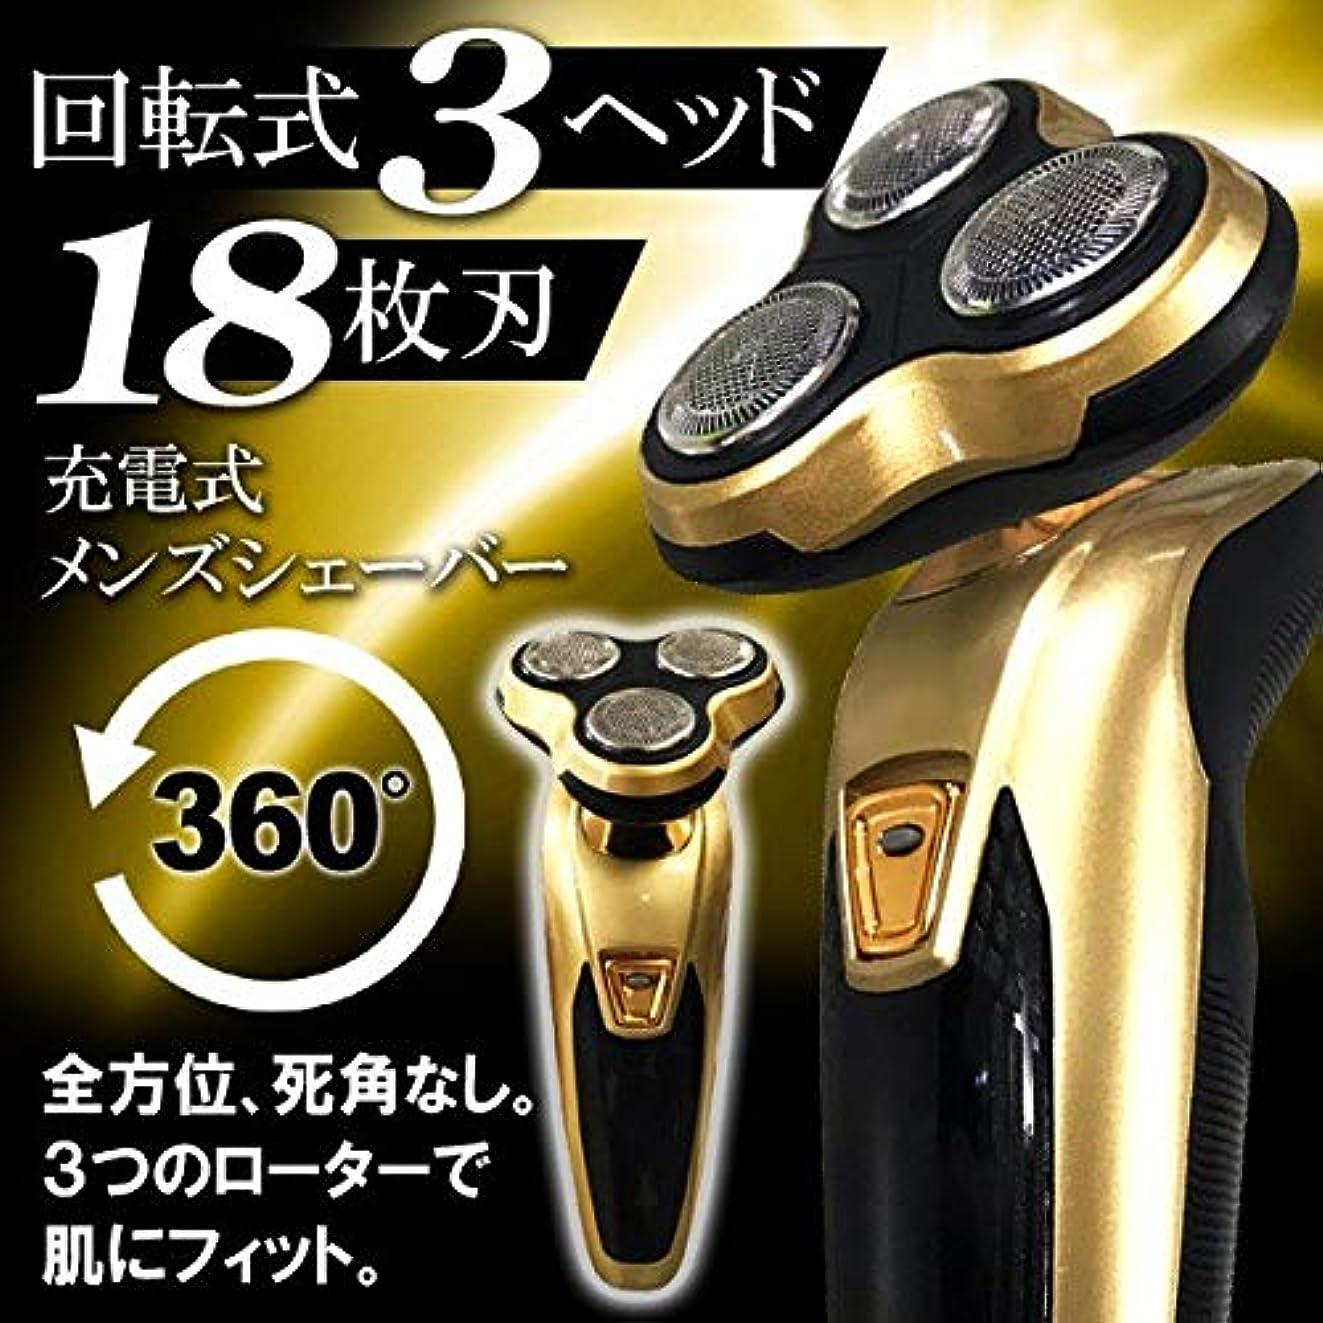 寝るエンドウ魔法YEP 電気シェーバー 3ヘッド搭載 充電式 メンズシェーバー 3in1 髭剃り 鼻毛カッター グルーミングヘッド